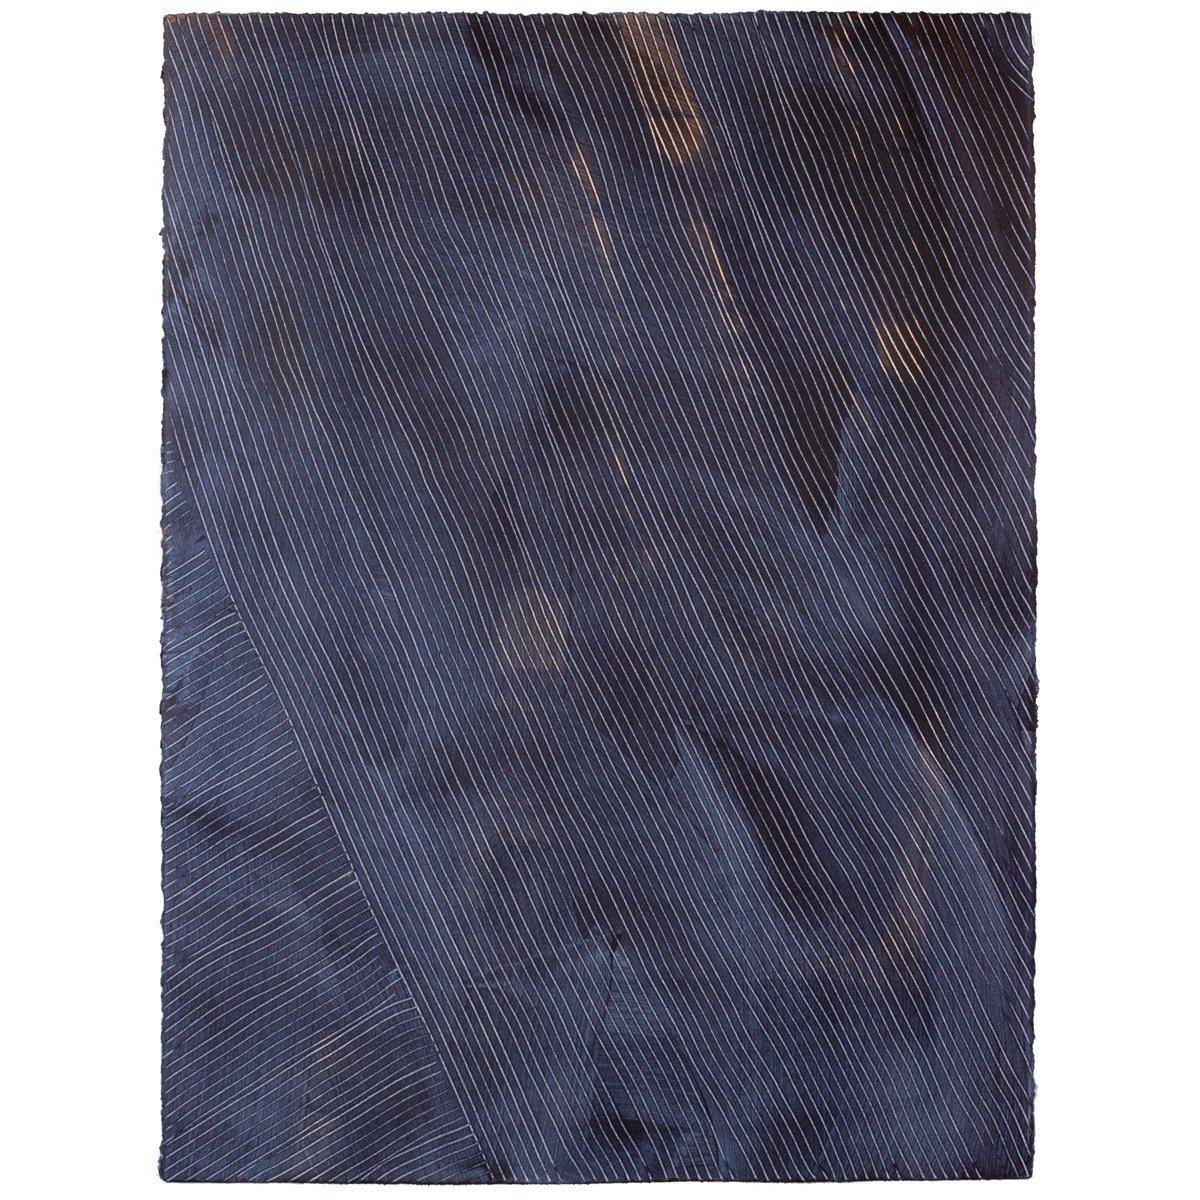 Lanai - Indigo - Hand-Painted Sheet Wallpaper